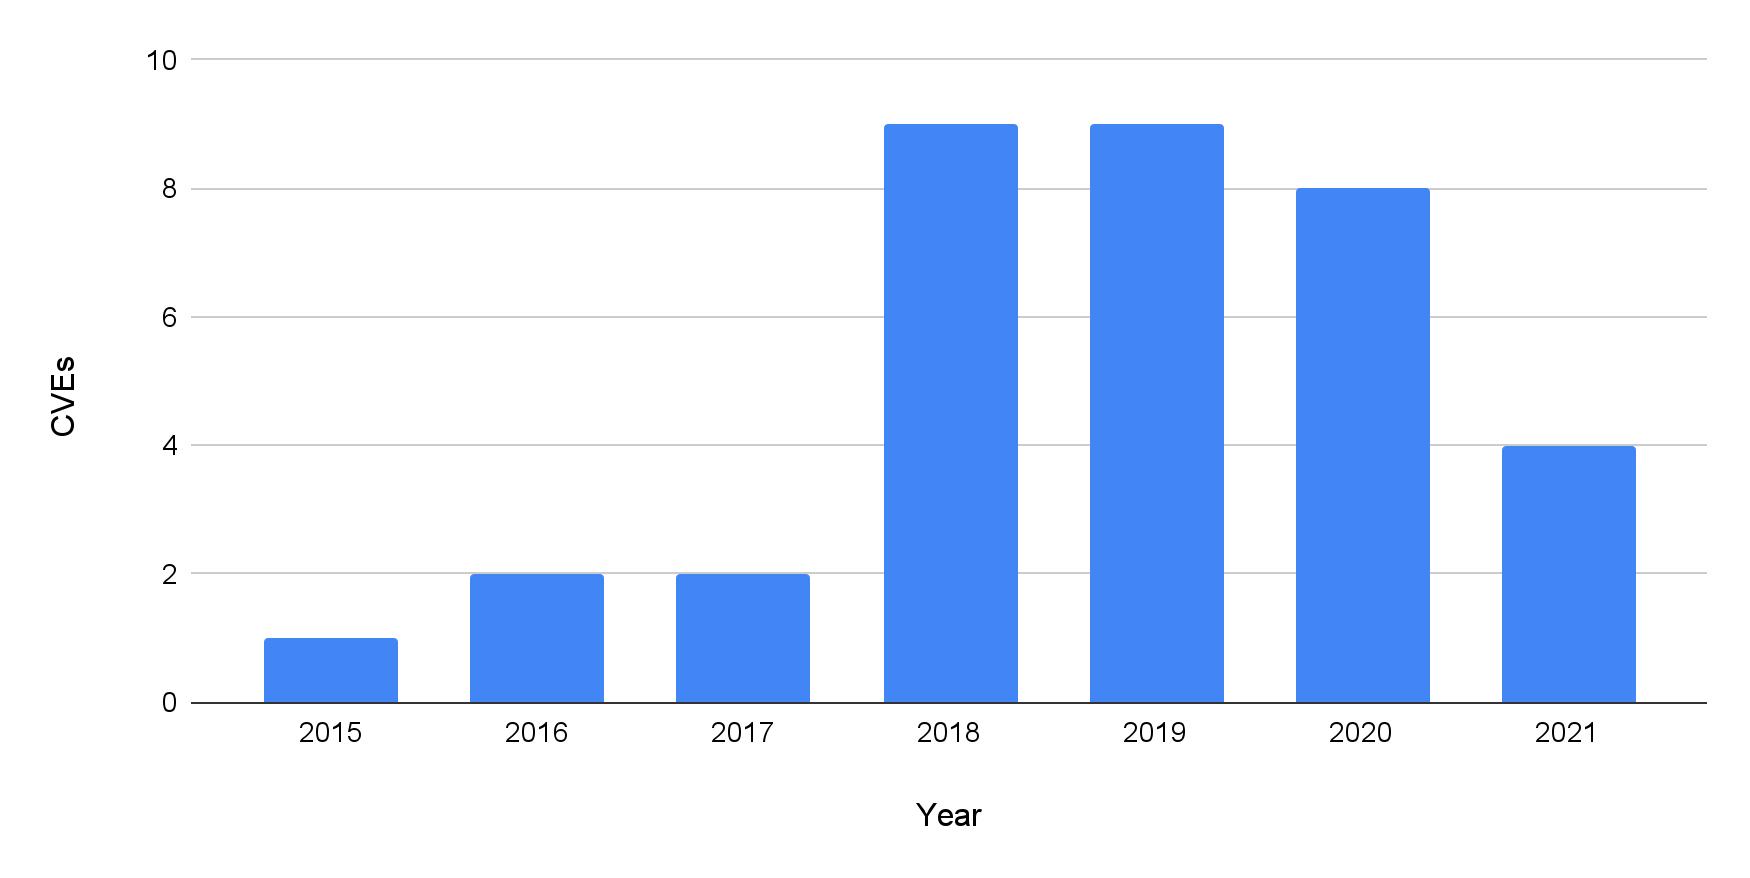 このグラフは、DNSリバインディングに関連するCVE数を年ごとに追跡したものです。2015年以降、毎年少なくとも1つは報告があります。関連CVE数は2018年から大幅に増加しています。